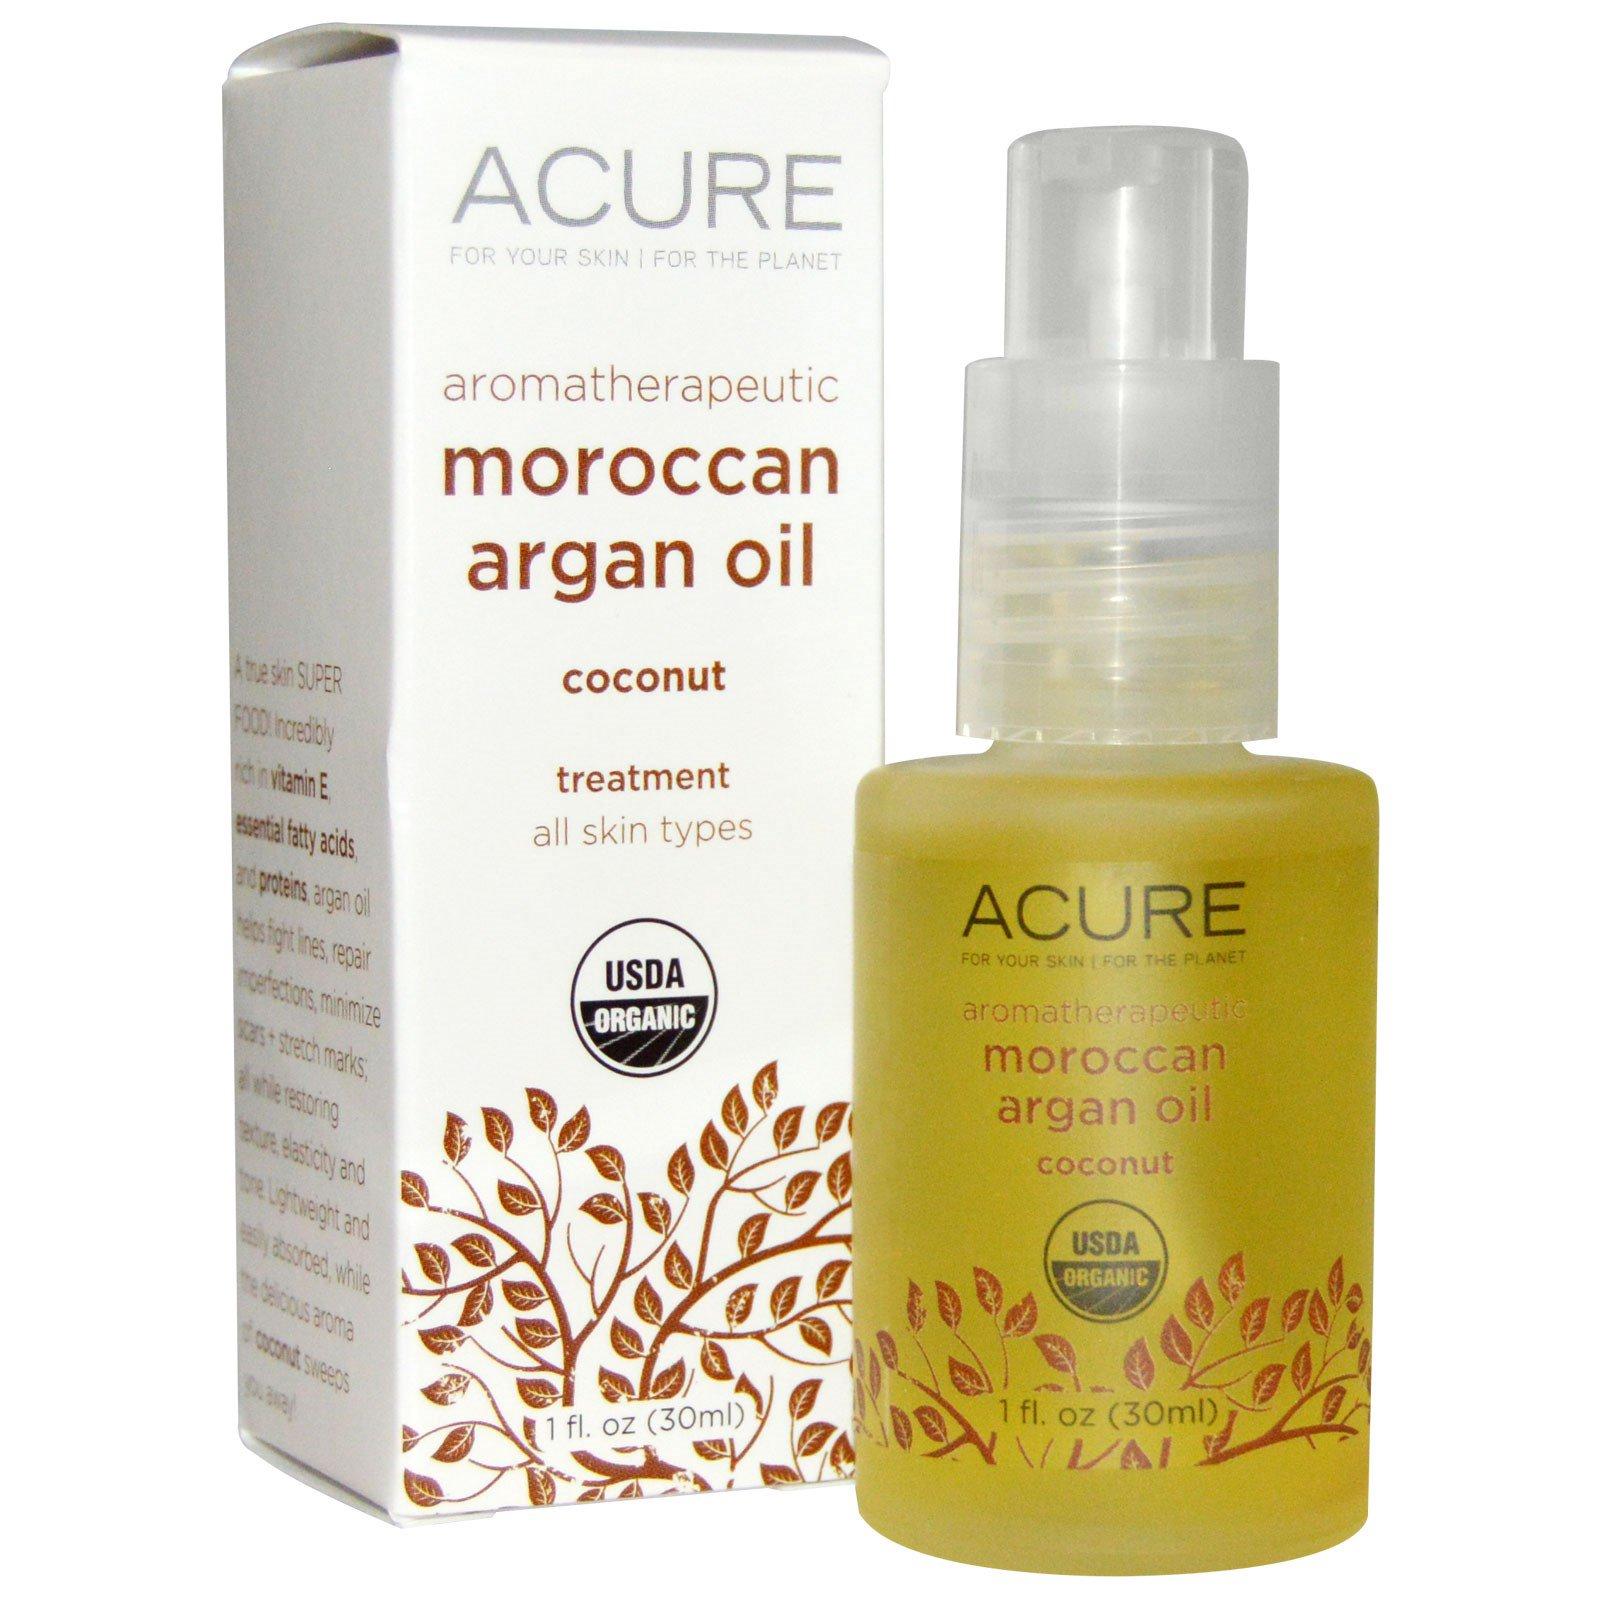 Acure Aromatherapeutic Moroccan Argan Oil Coconut 1 Fl Oz 30 Ml